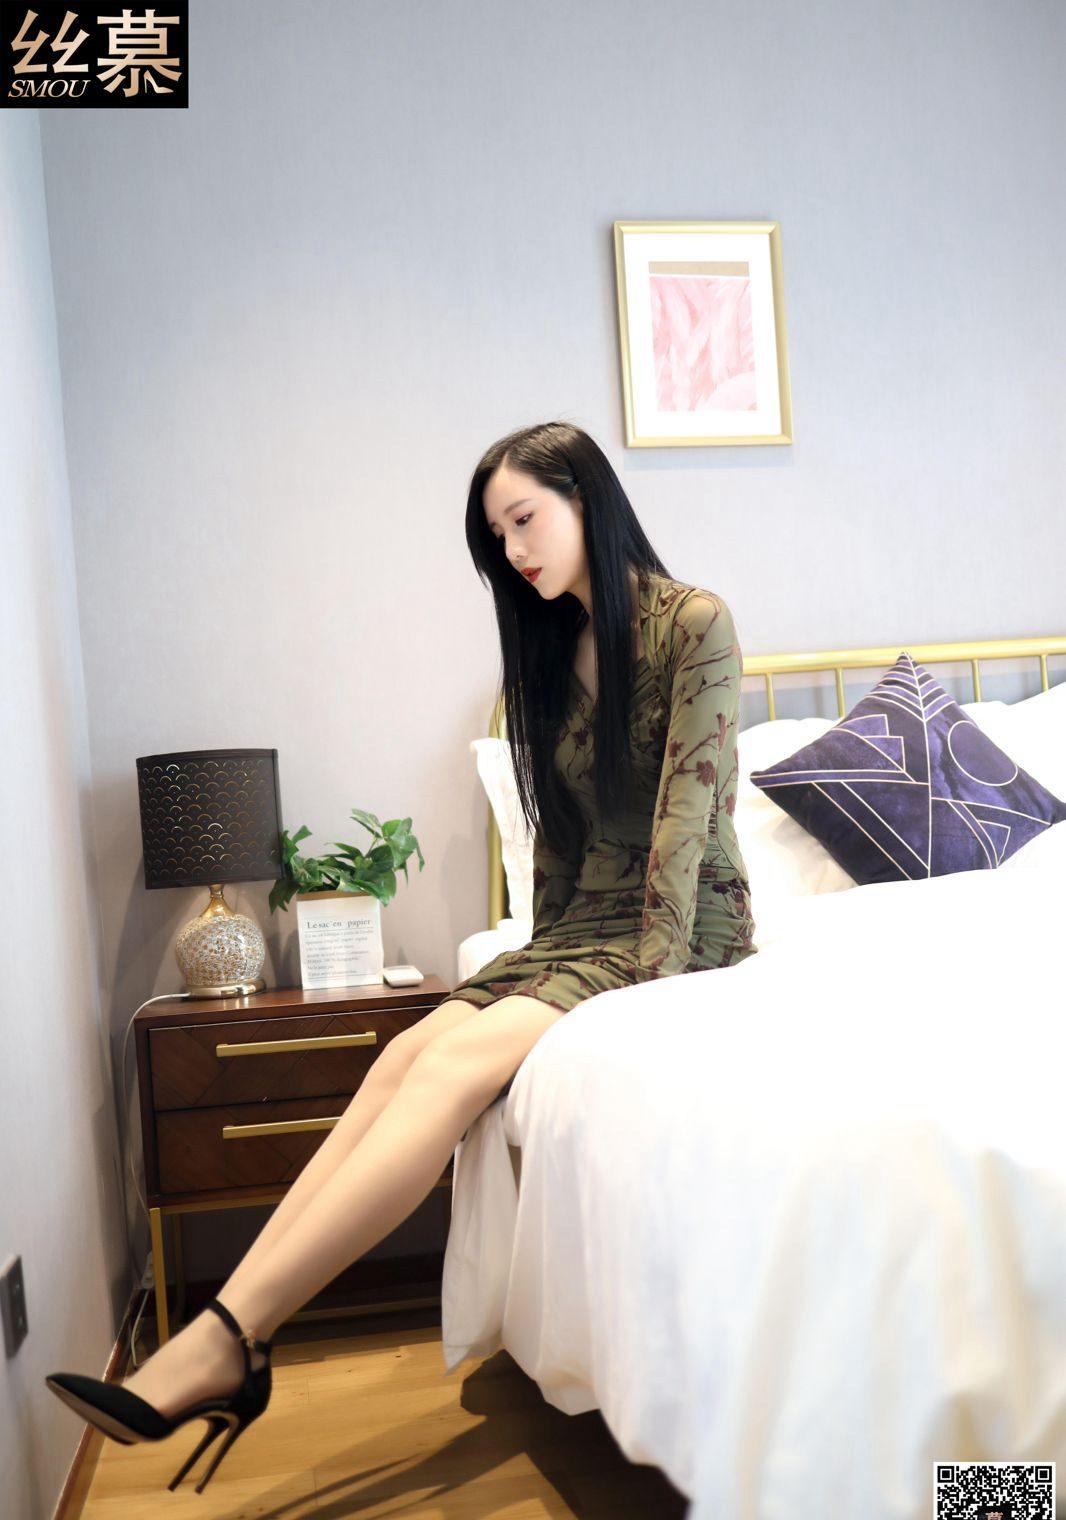 可爱美女专业腿模展示肉丝袜完美性感美腿玉足高清图